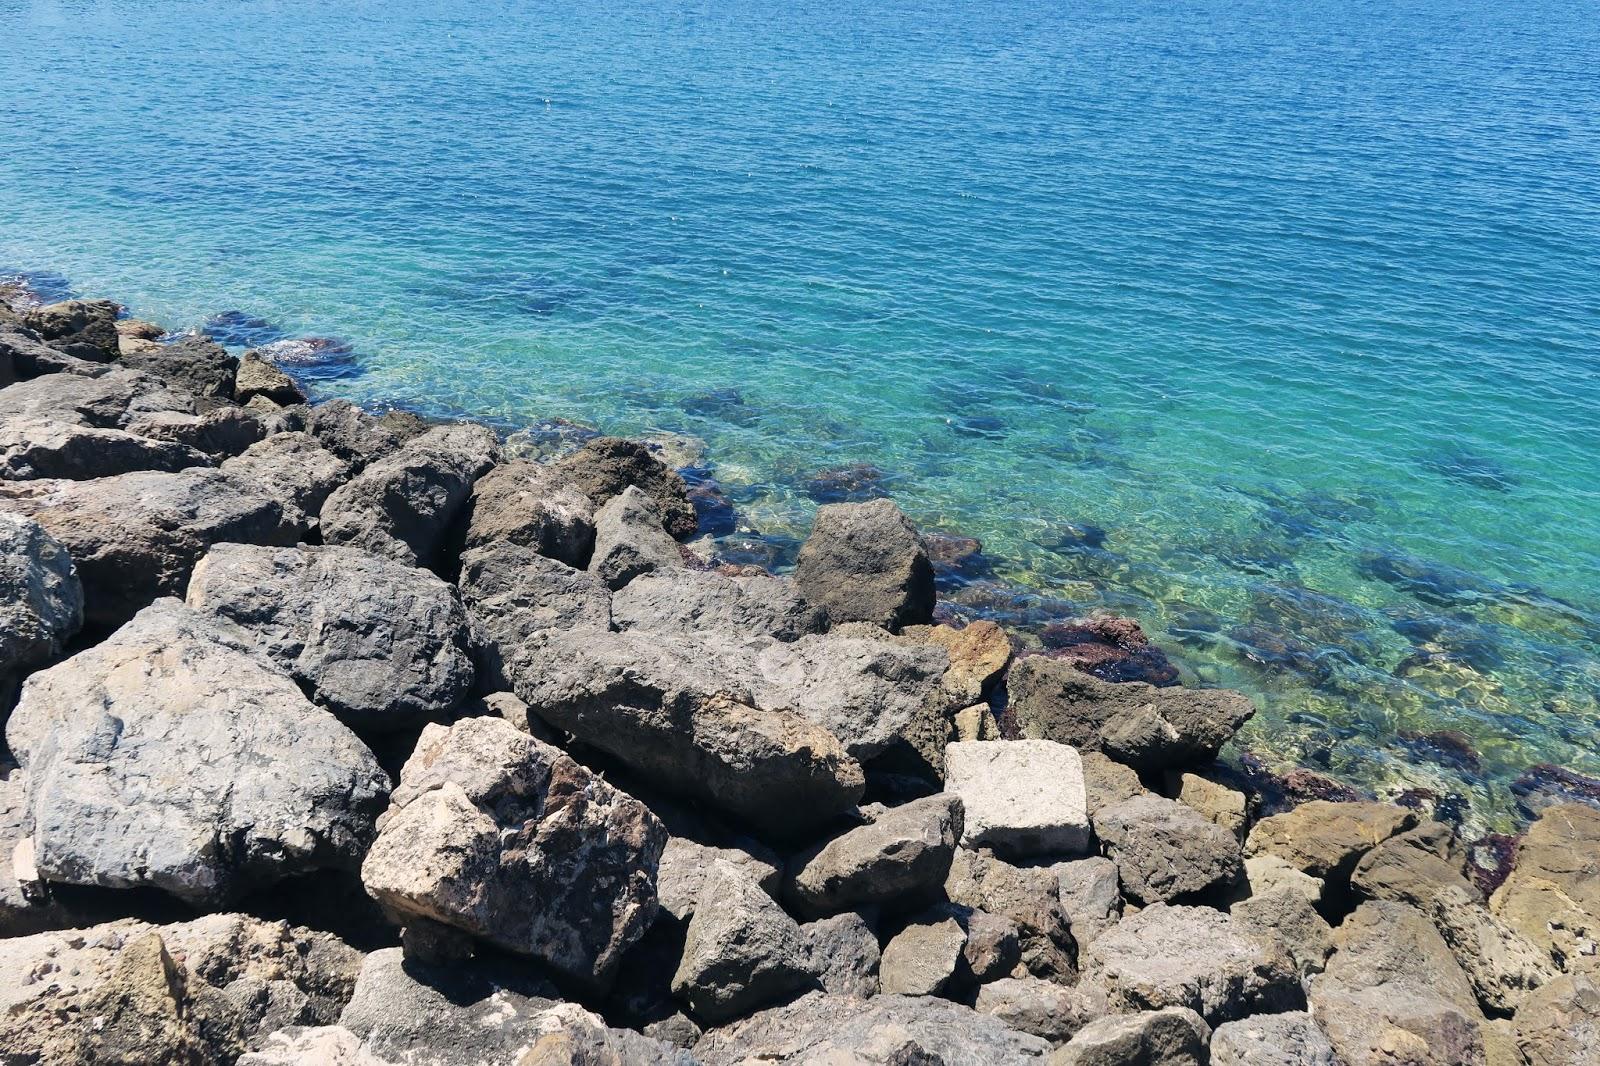 The sea near Almeria harbour